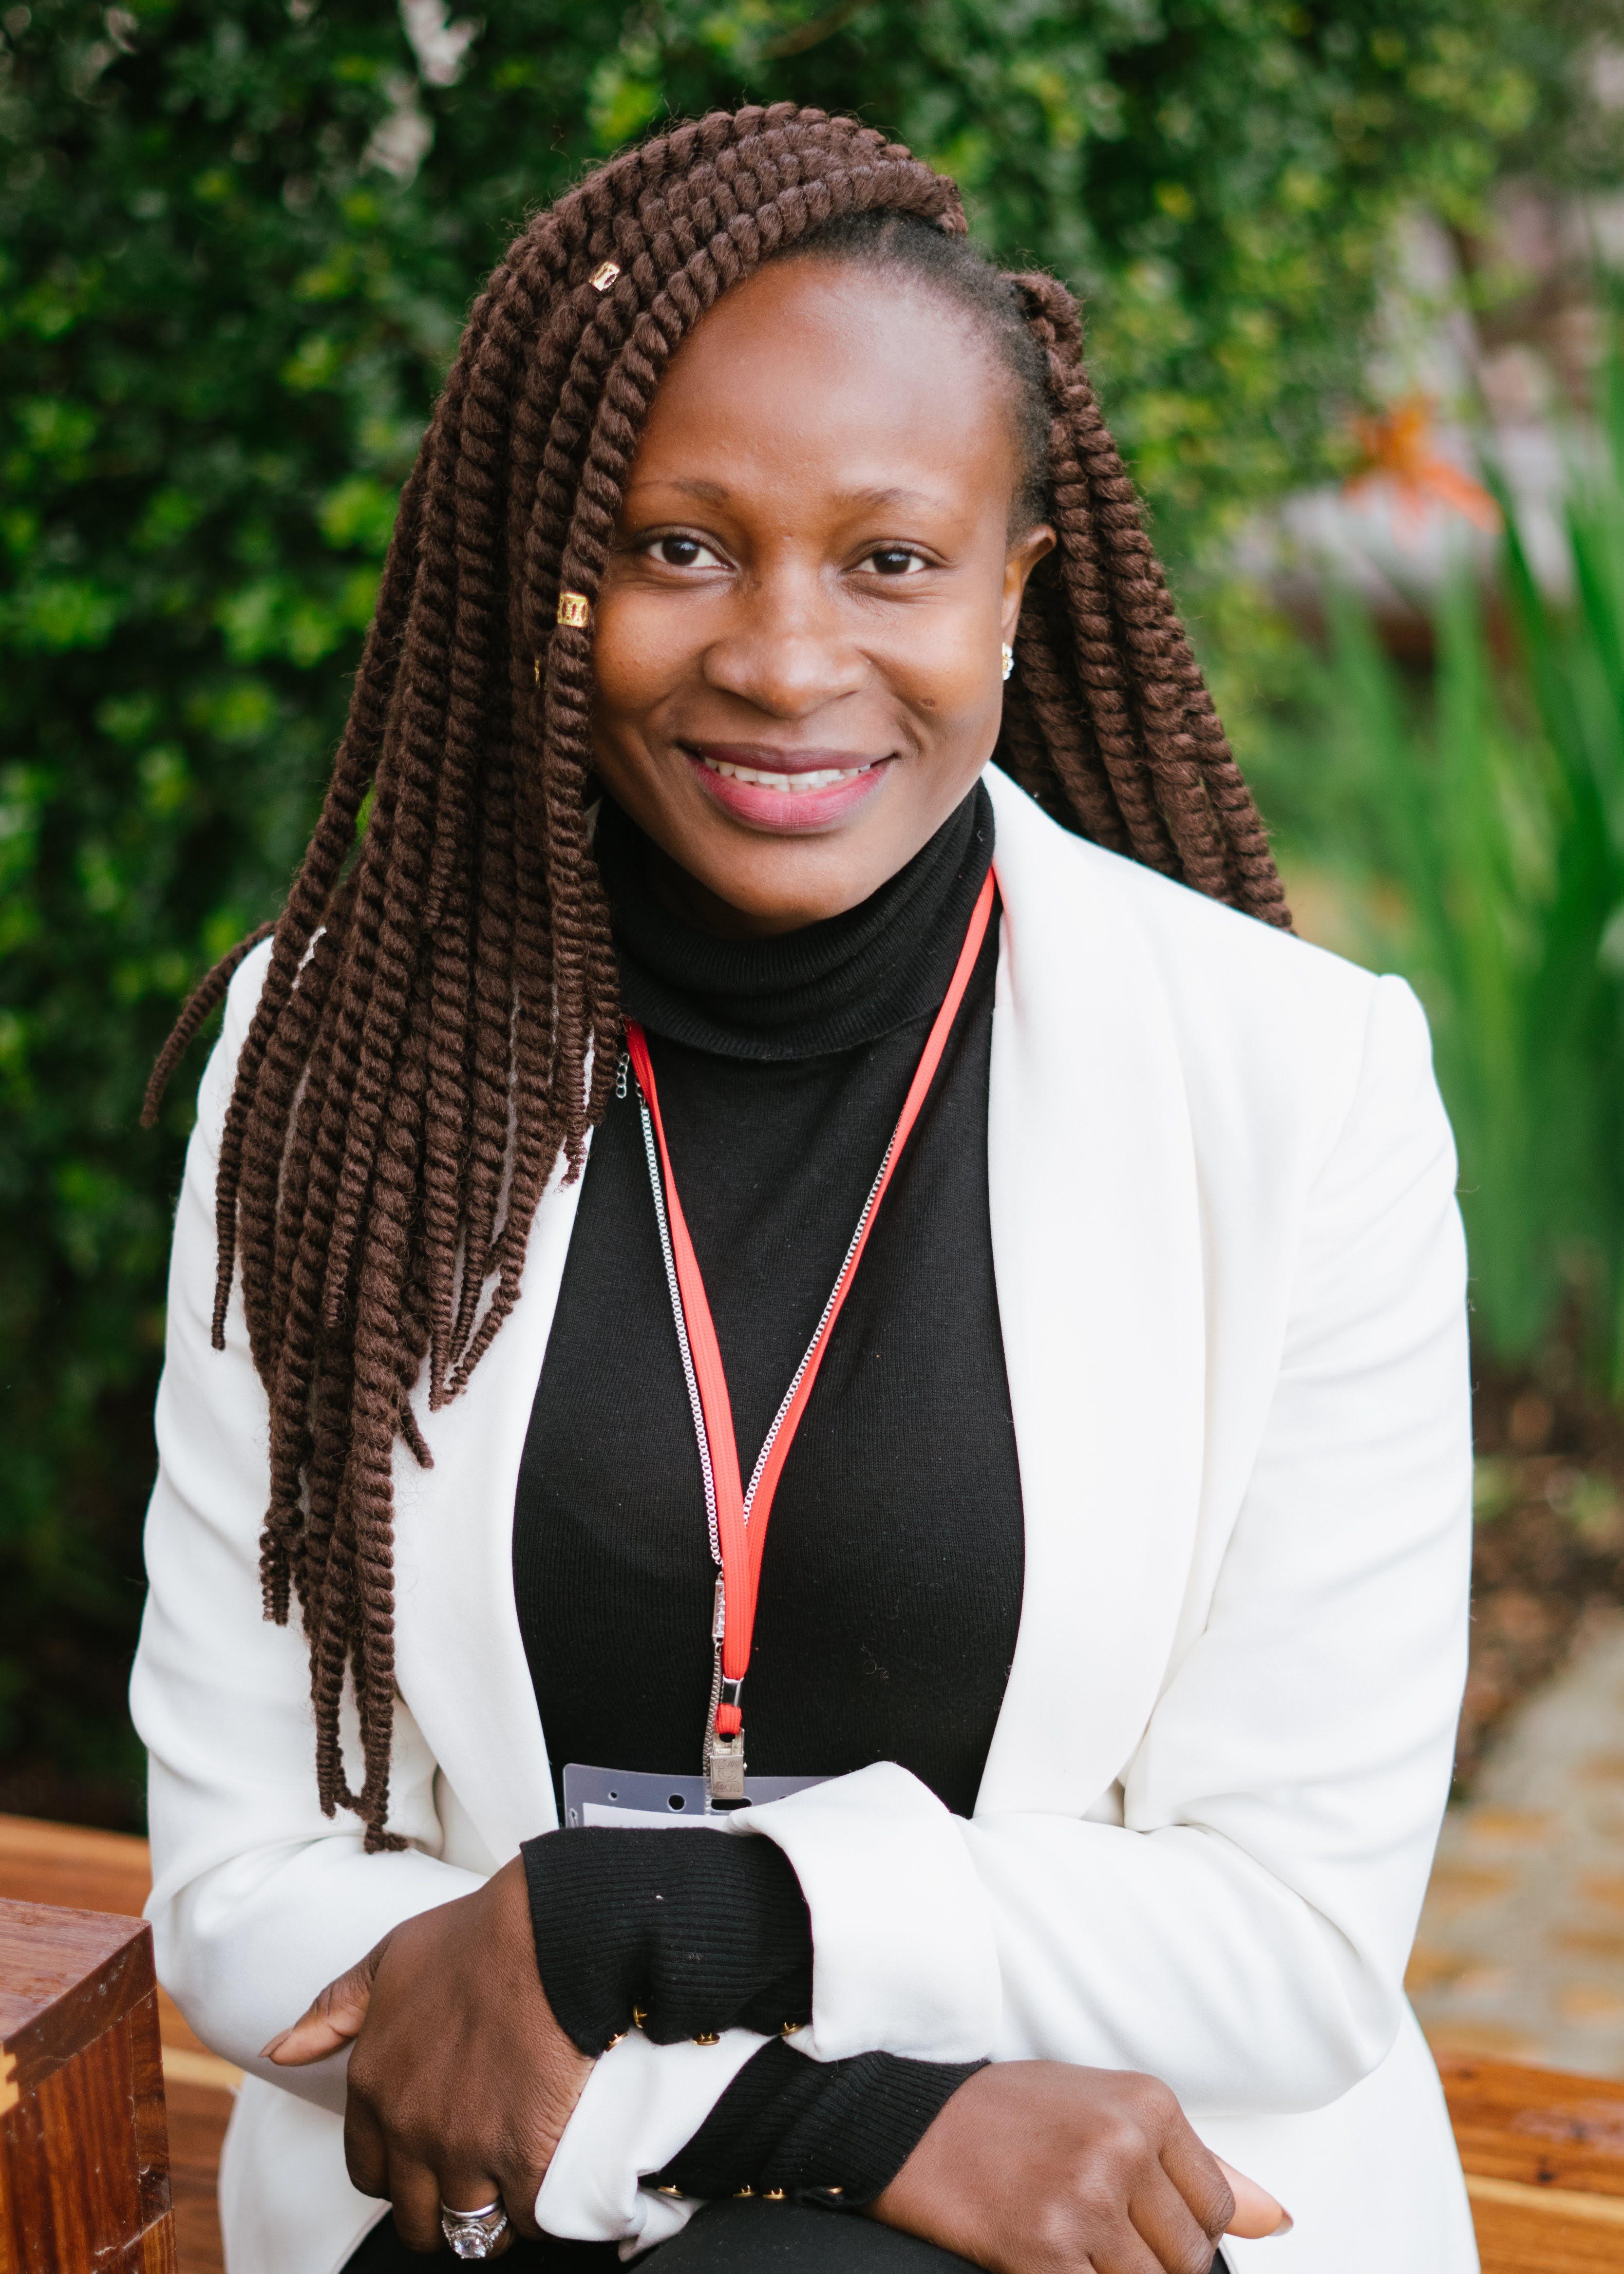 Directeur exécutif chez Hope Beyond Bars Africa (Espoir Derrière les Barreaux Afrique)